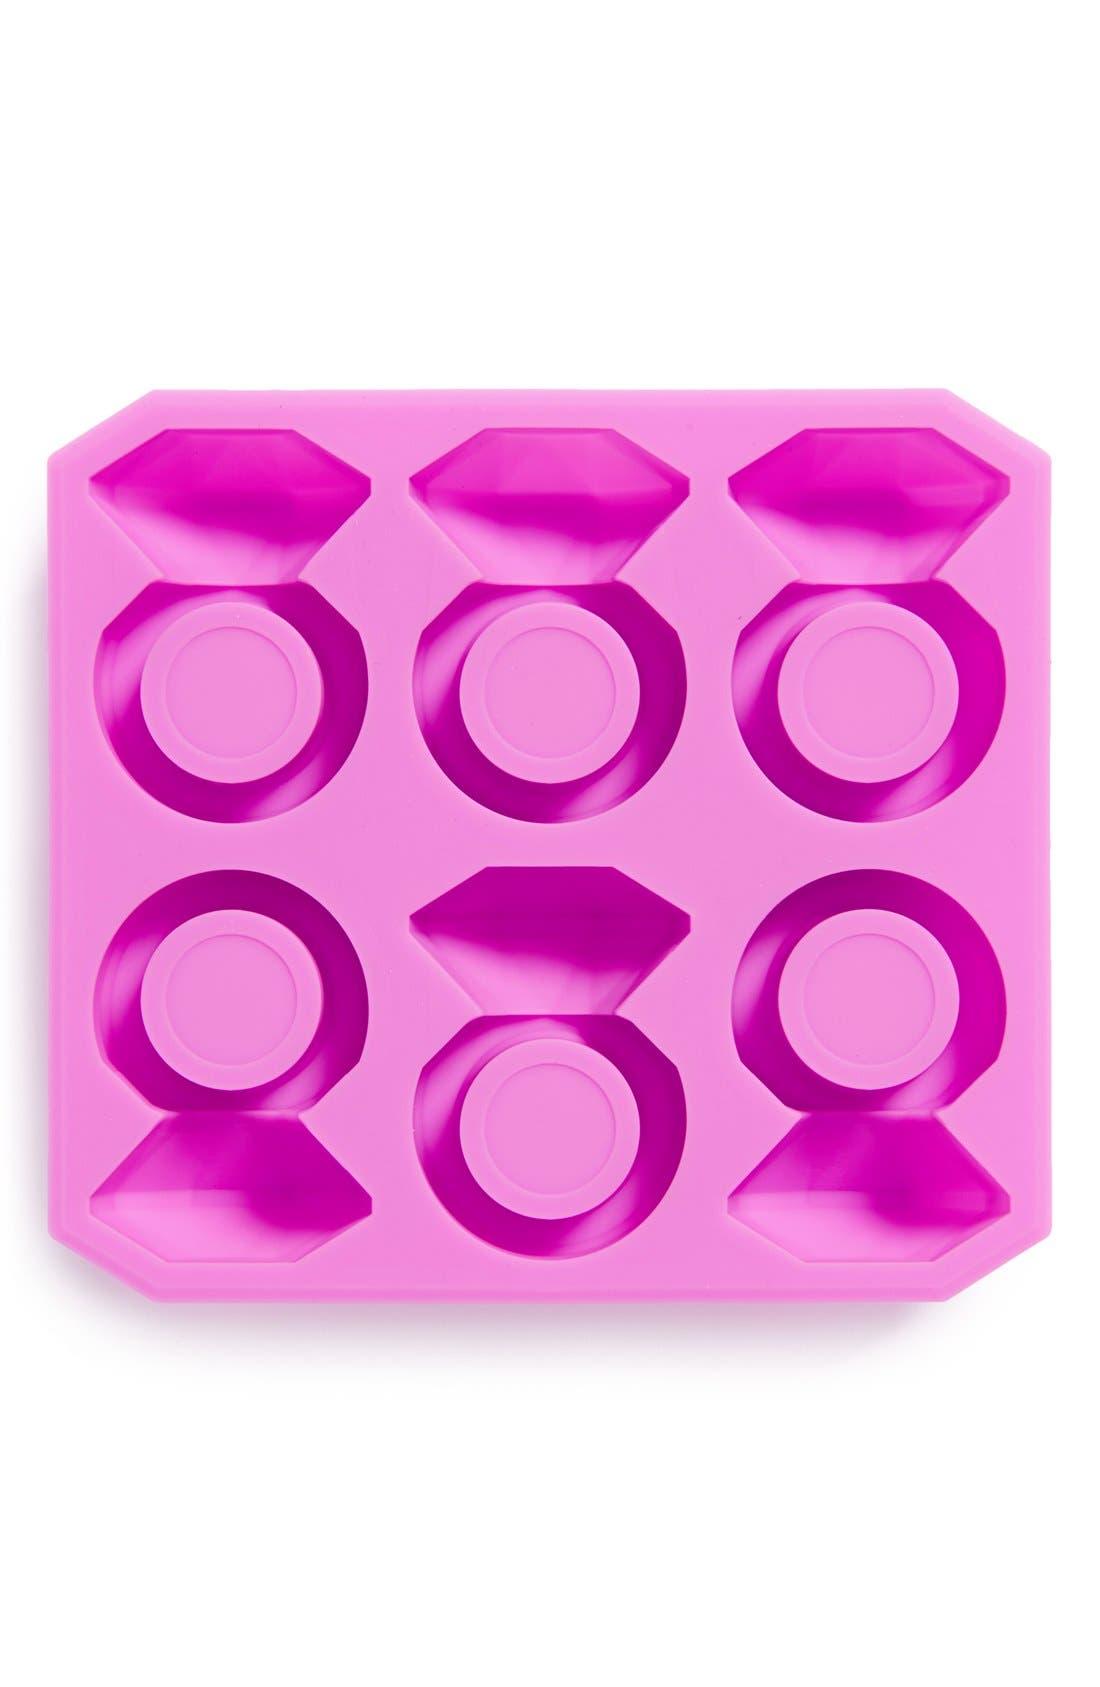 Alternate Image 1 Selected - Kikkerland Design 'Diamond Ring' Silicone Ice Tray